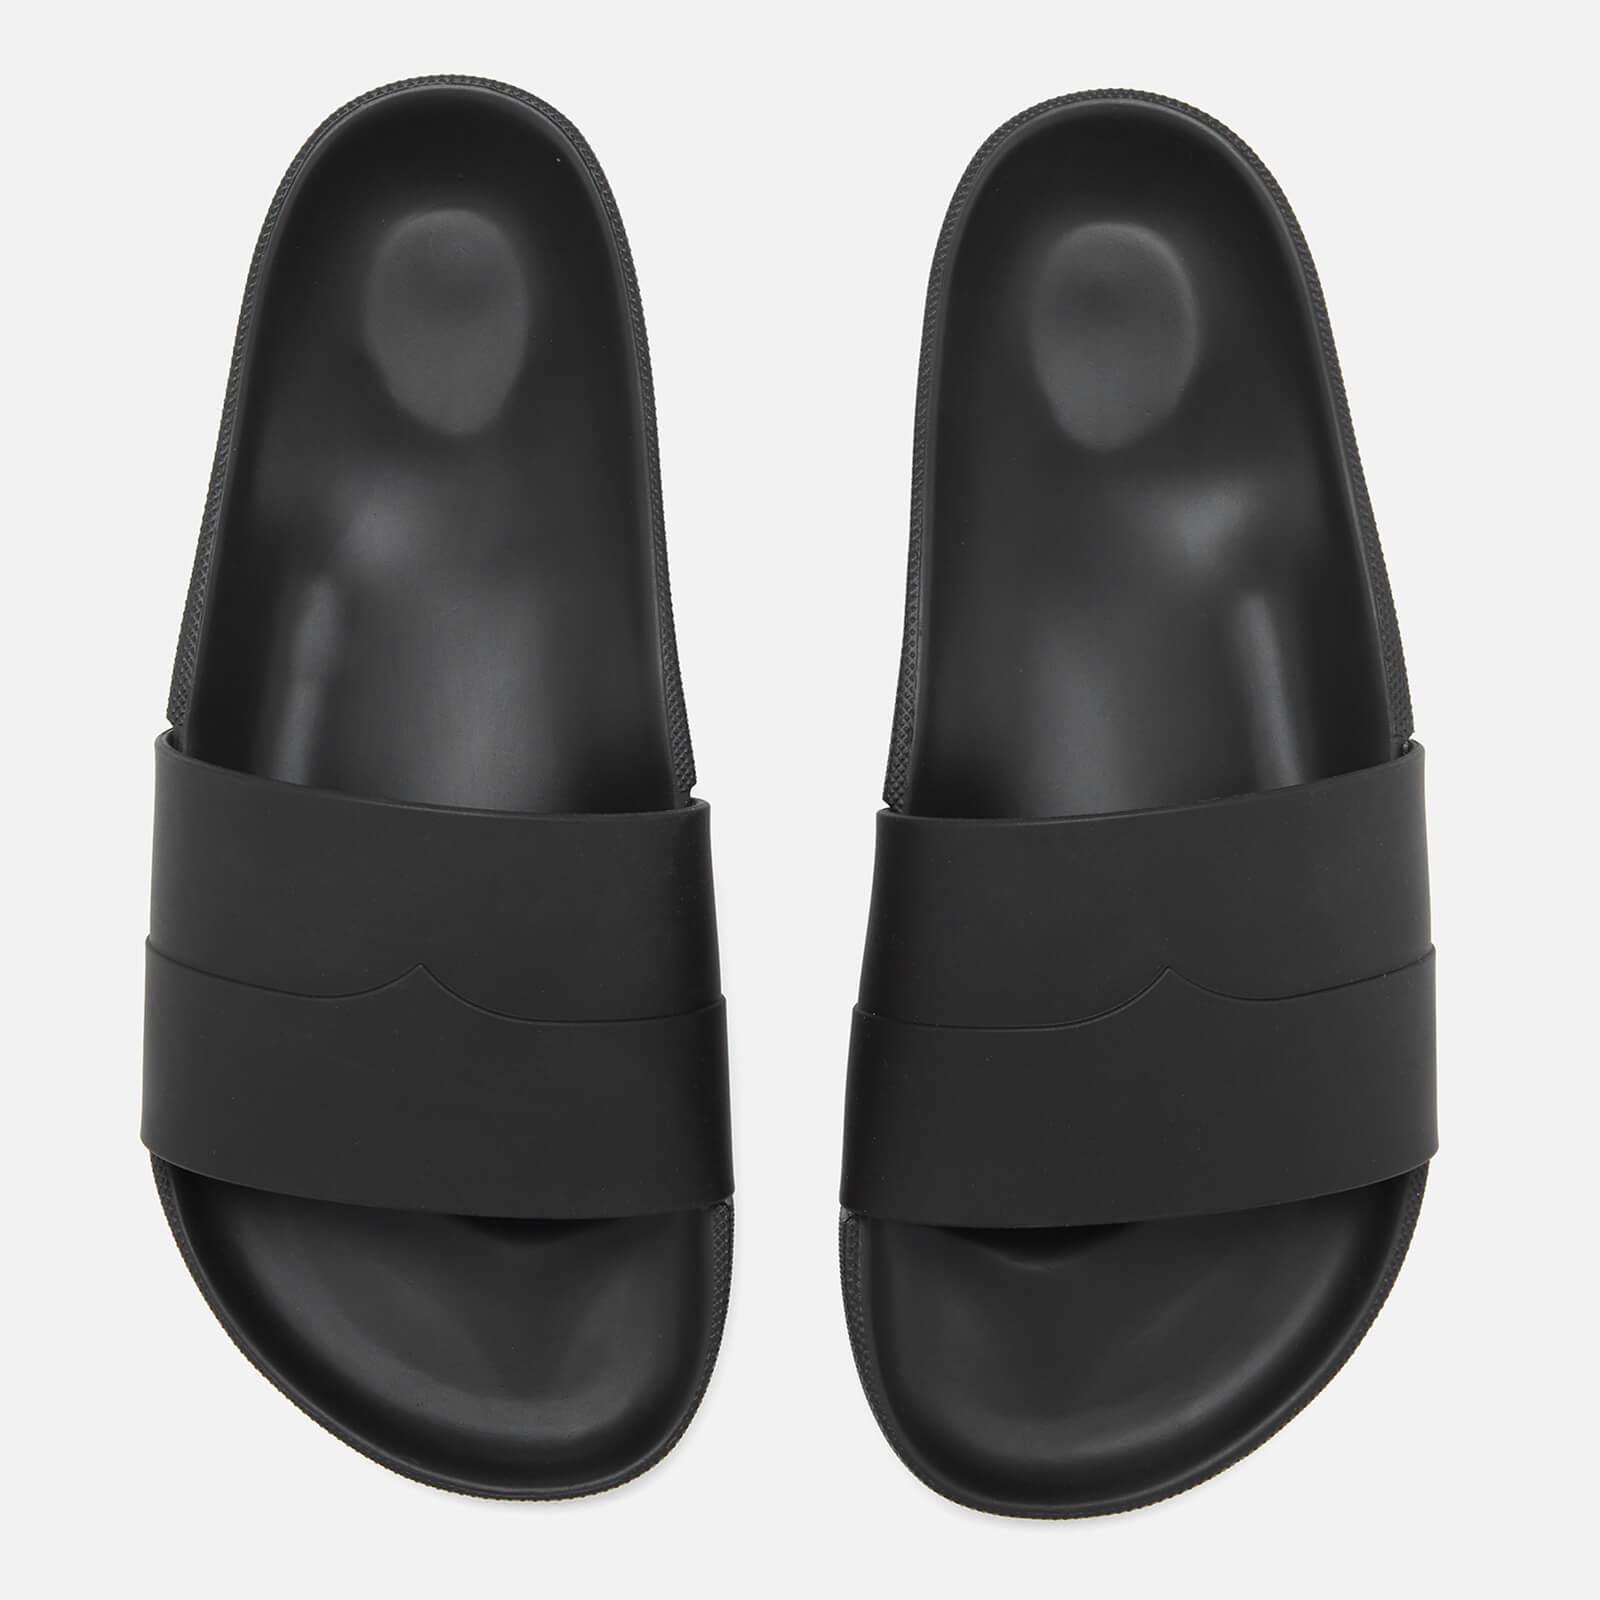 0afb87e4a6c3 Hunter Original Moustache Slide Sandals in Black for Men - Lyst